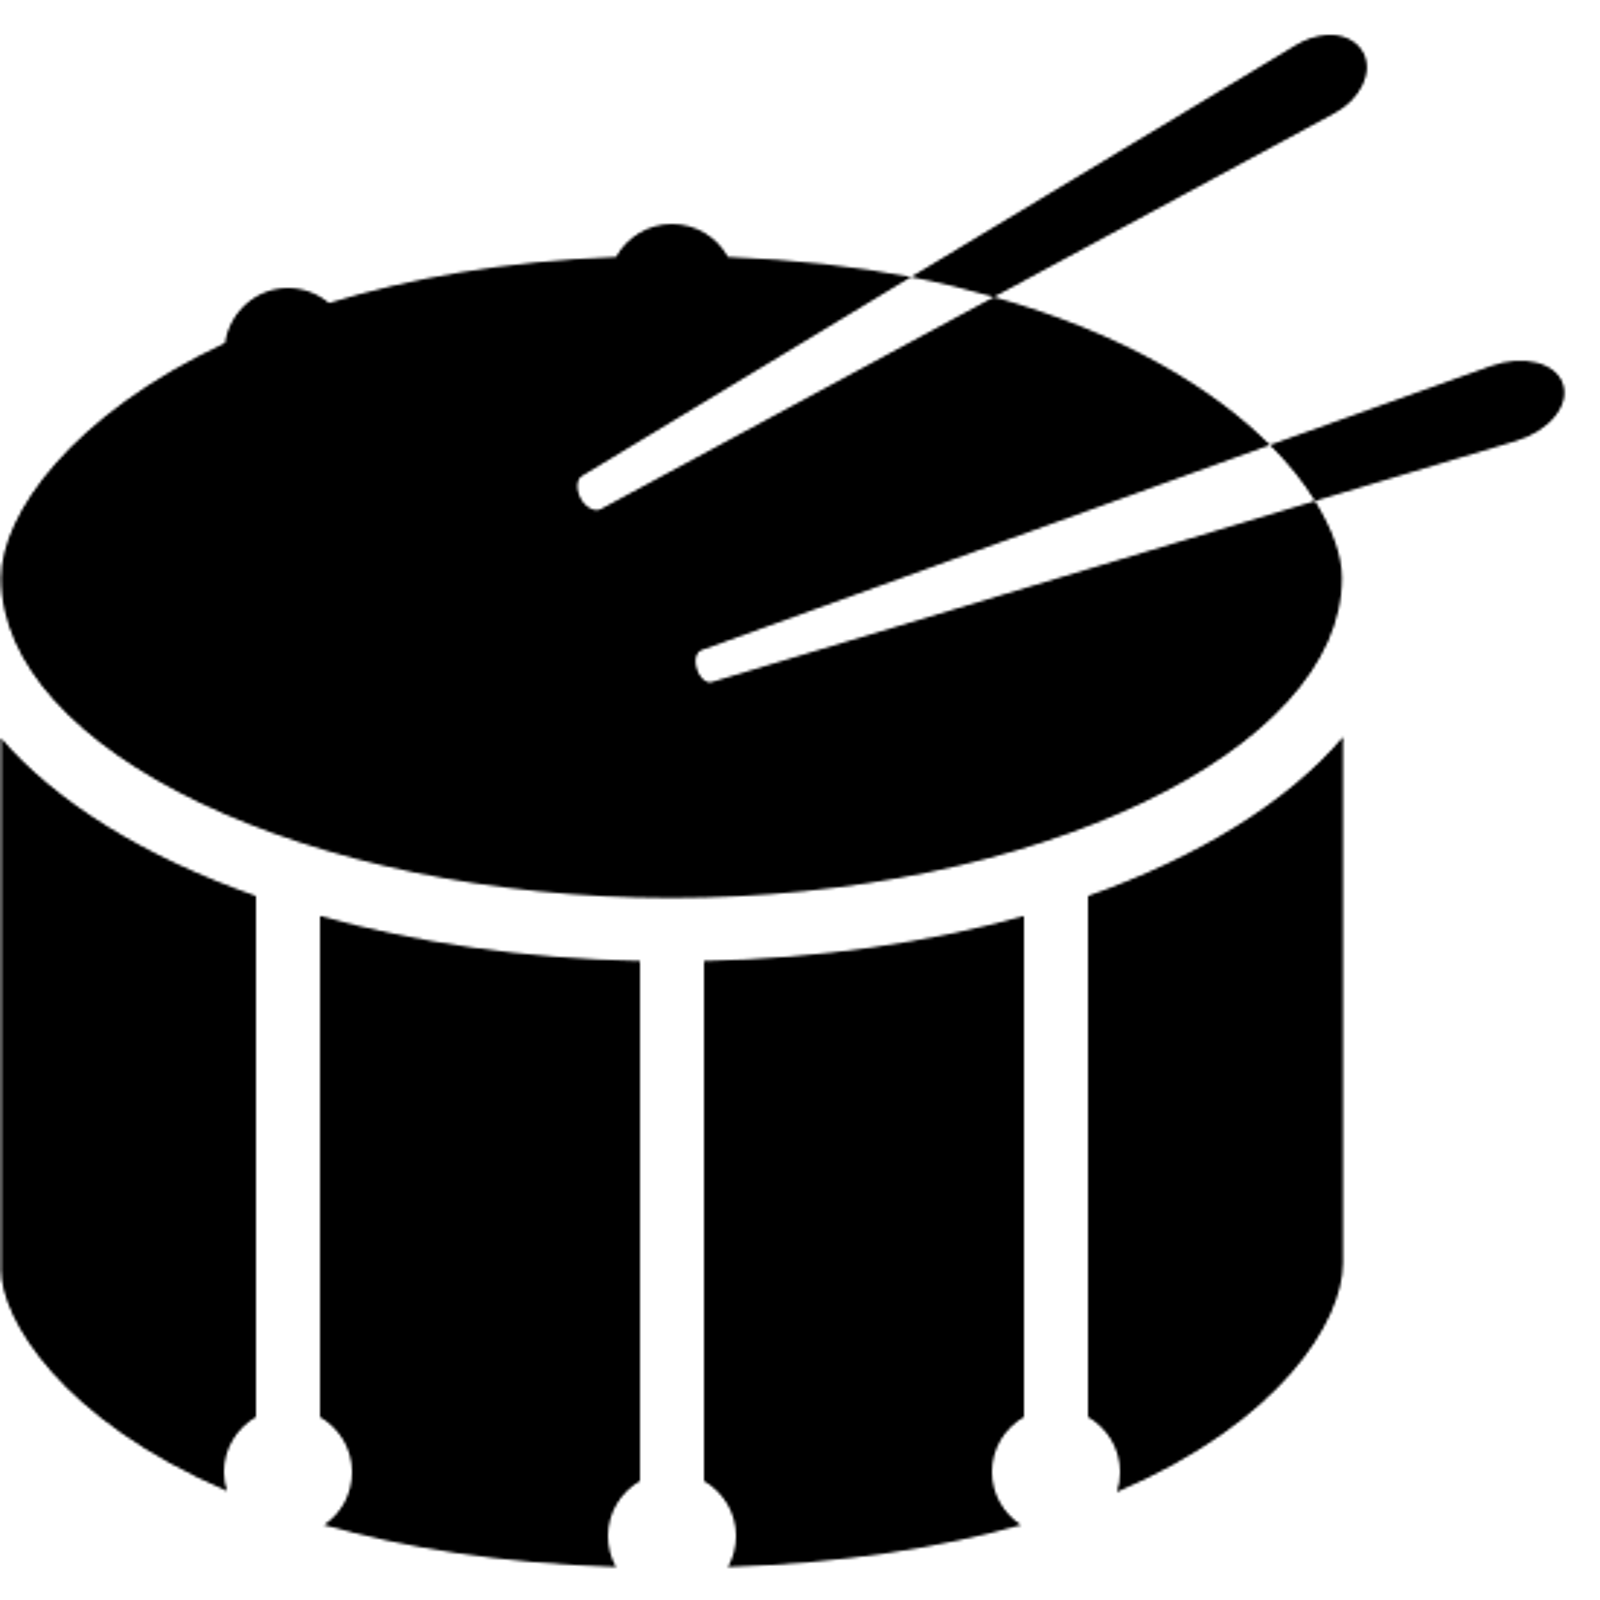 小鼓 icon. This is a drawing of a big drum with two drumsticks on it. It is a circular drum and around the base of the drum there are rectangles going all around the side.